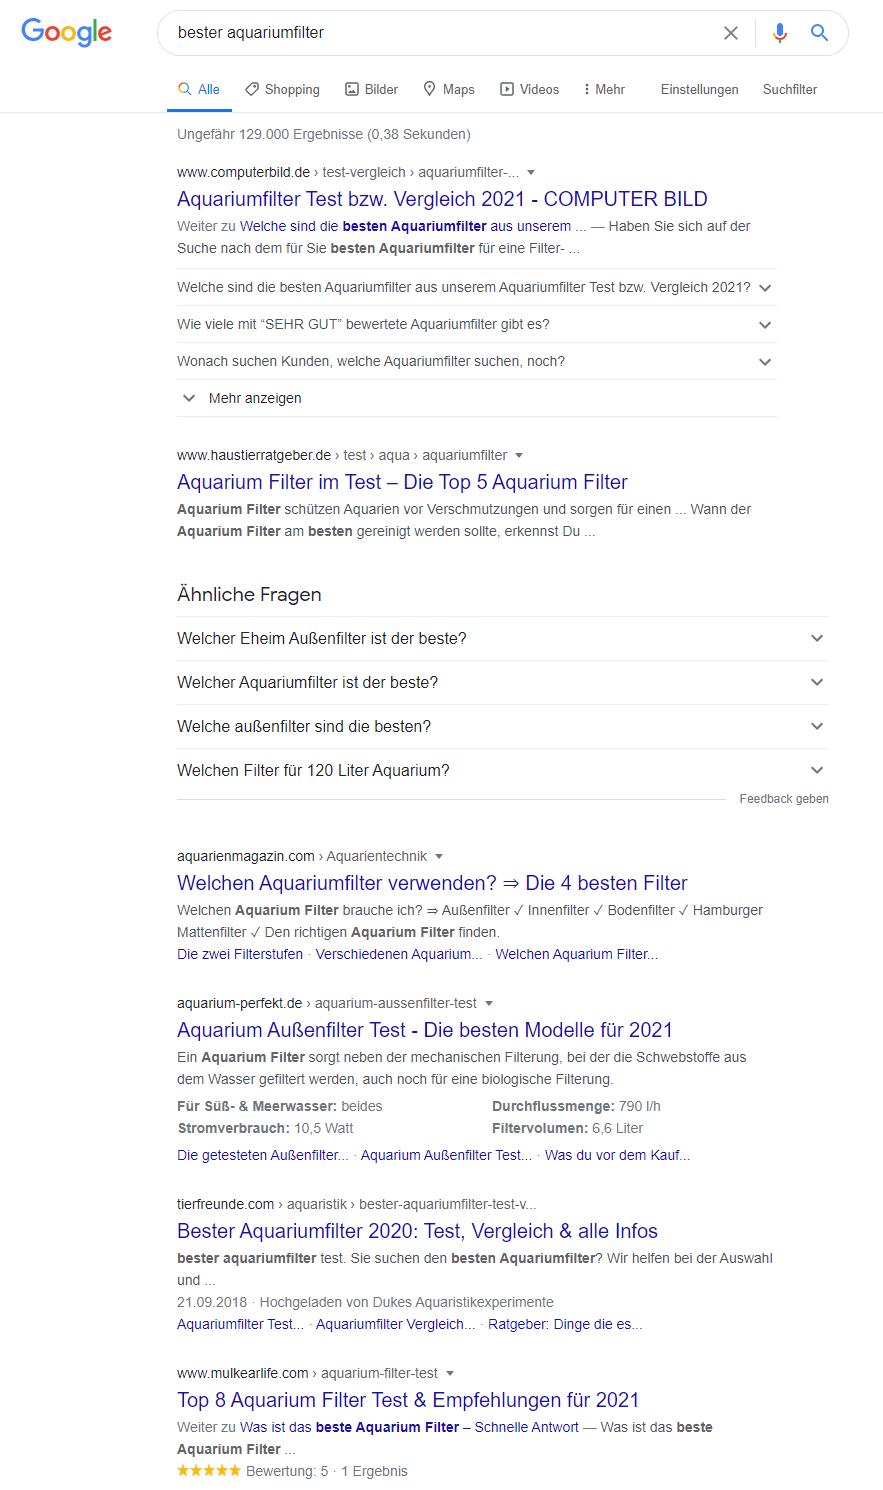 Keyword Recherche Search Intent